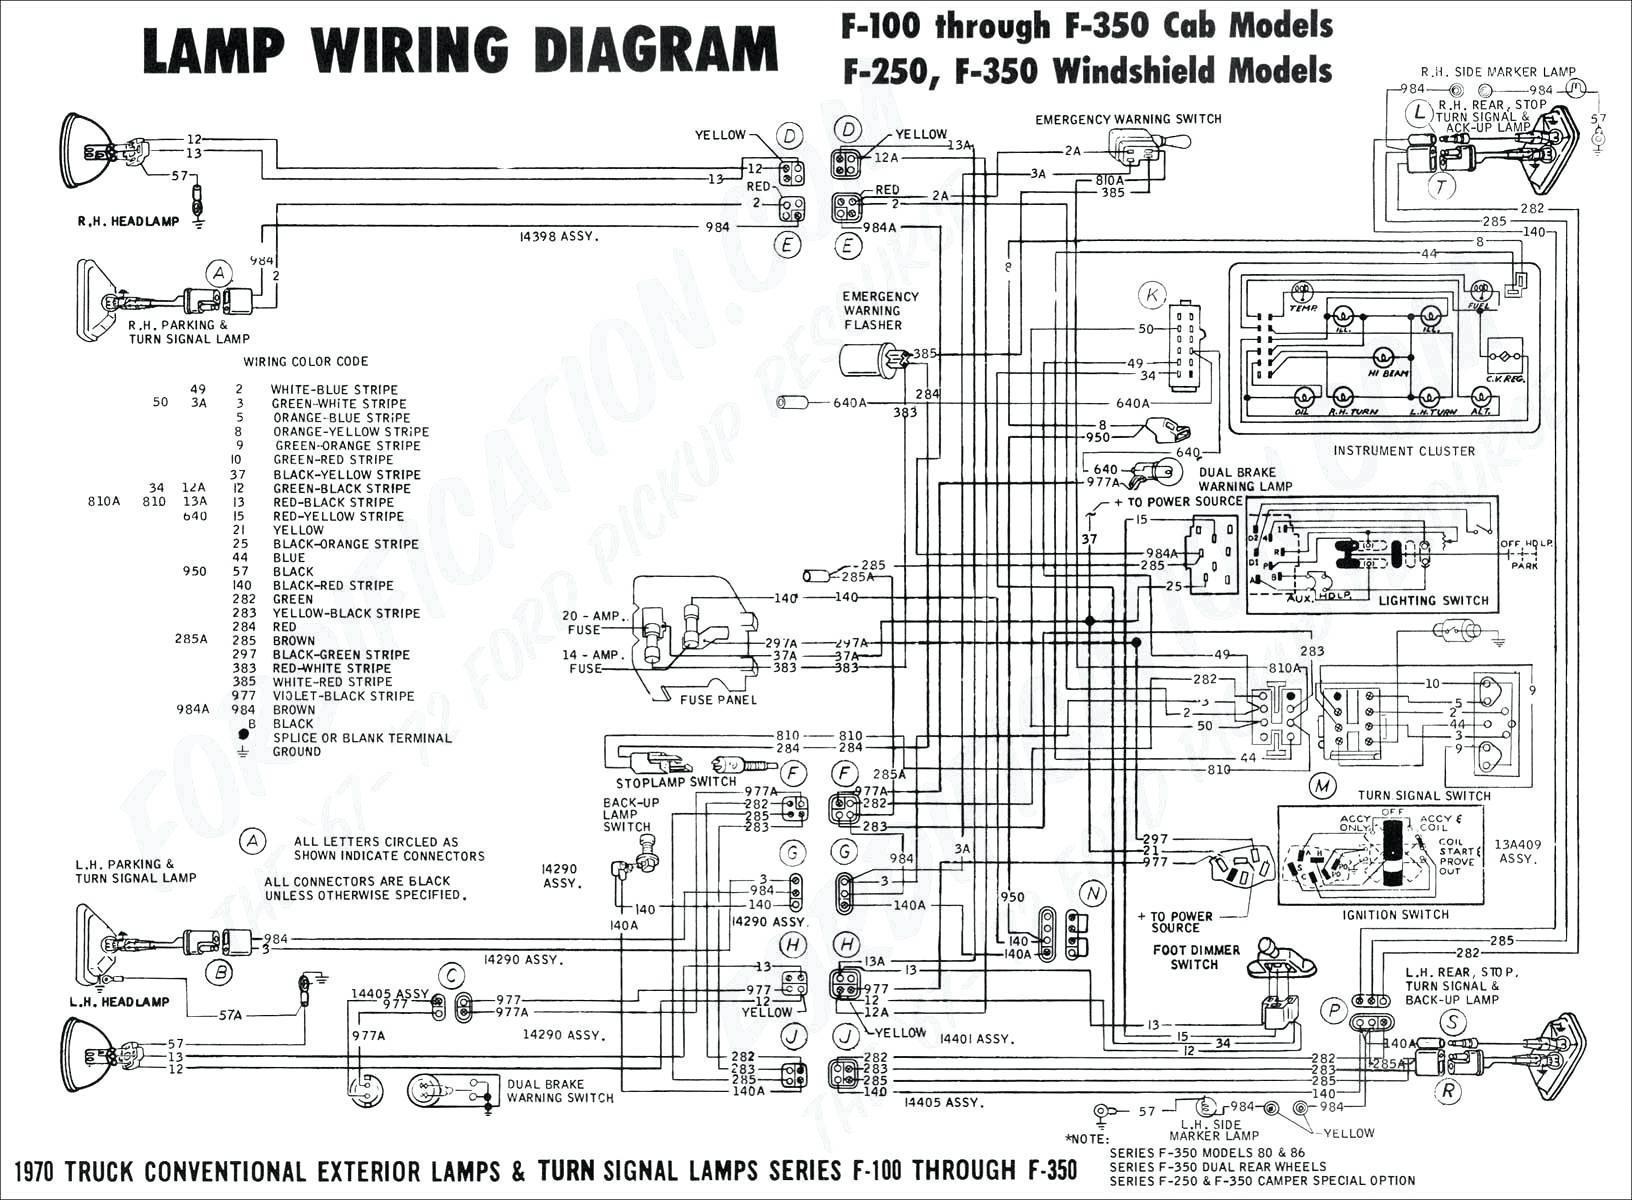 Meyer Snow Plow Wiring Diagram E47 Yellow Snow Plow Wiring Diagram Box Worksheet and Wiring Diagram • Of Meyer Snow Plow Wiring Diagram E47